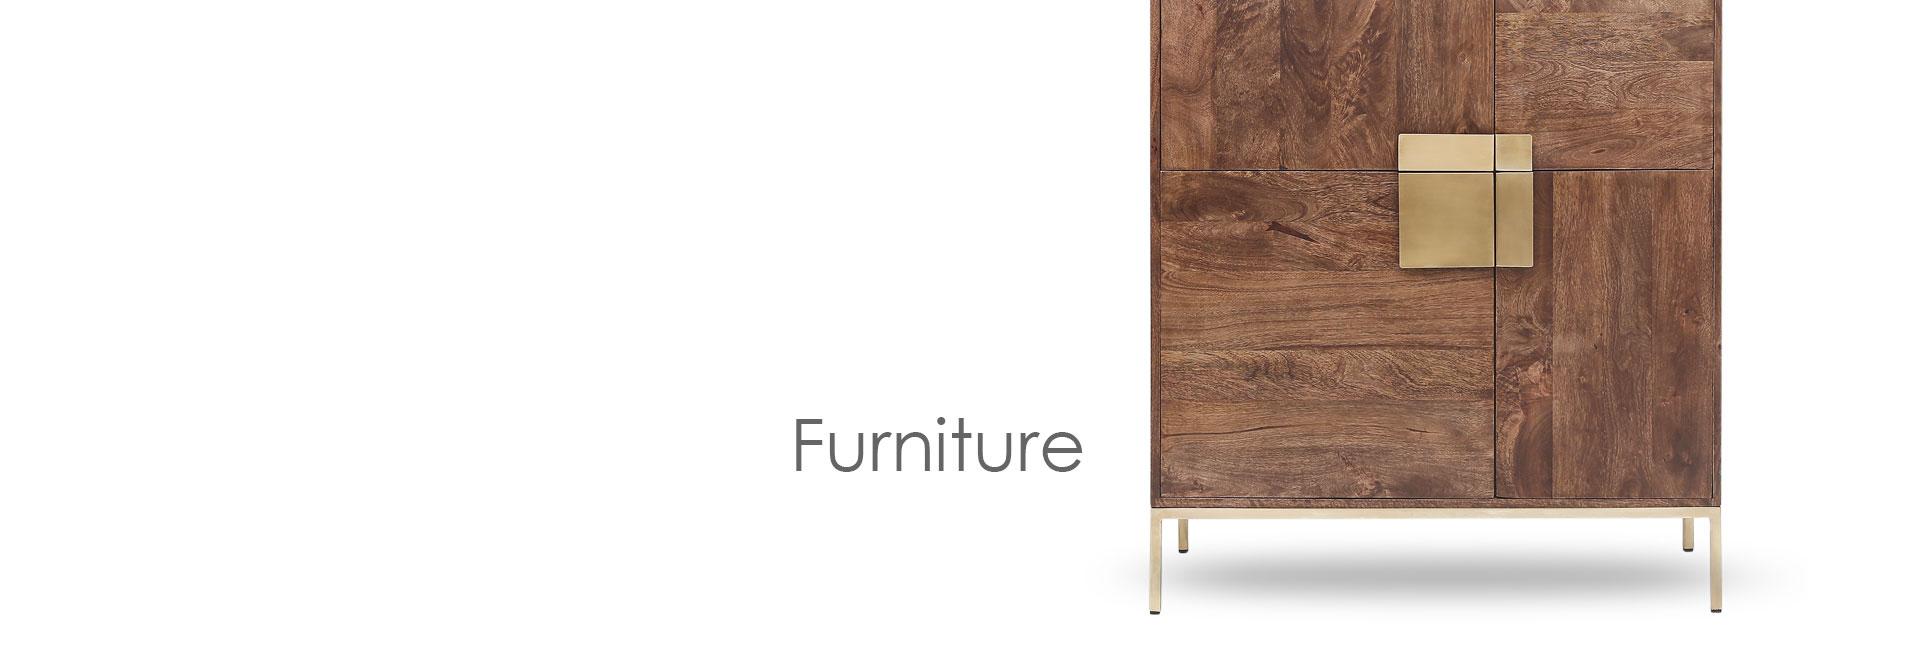 Furniture - All